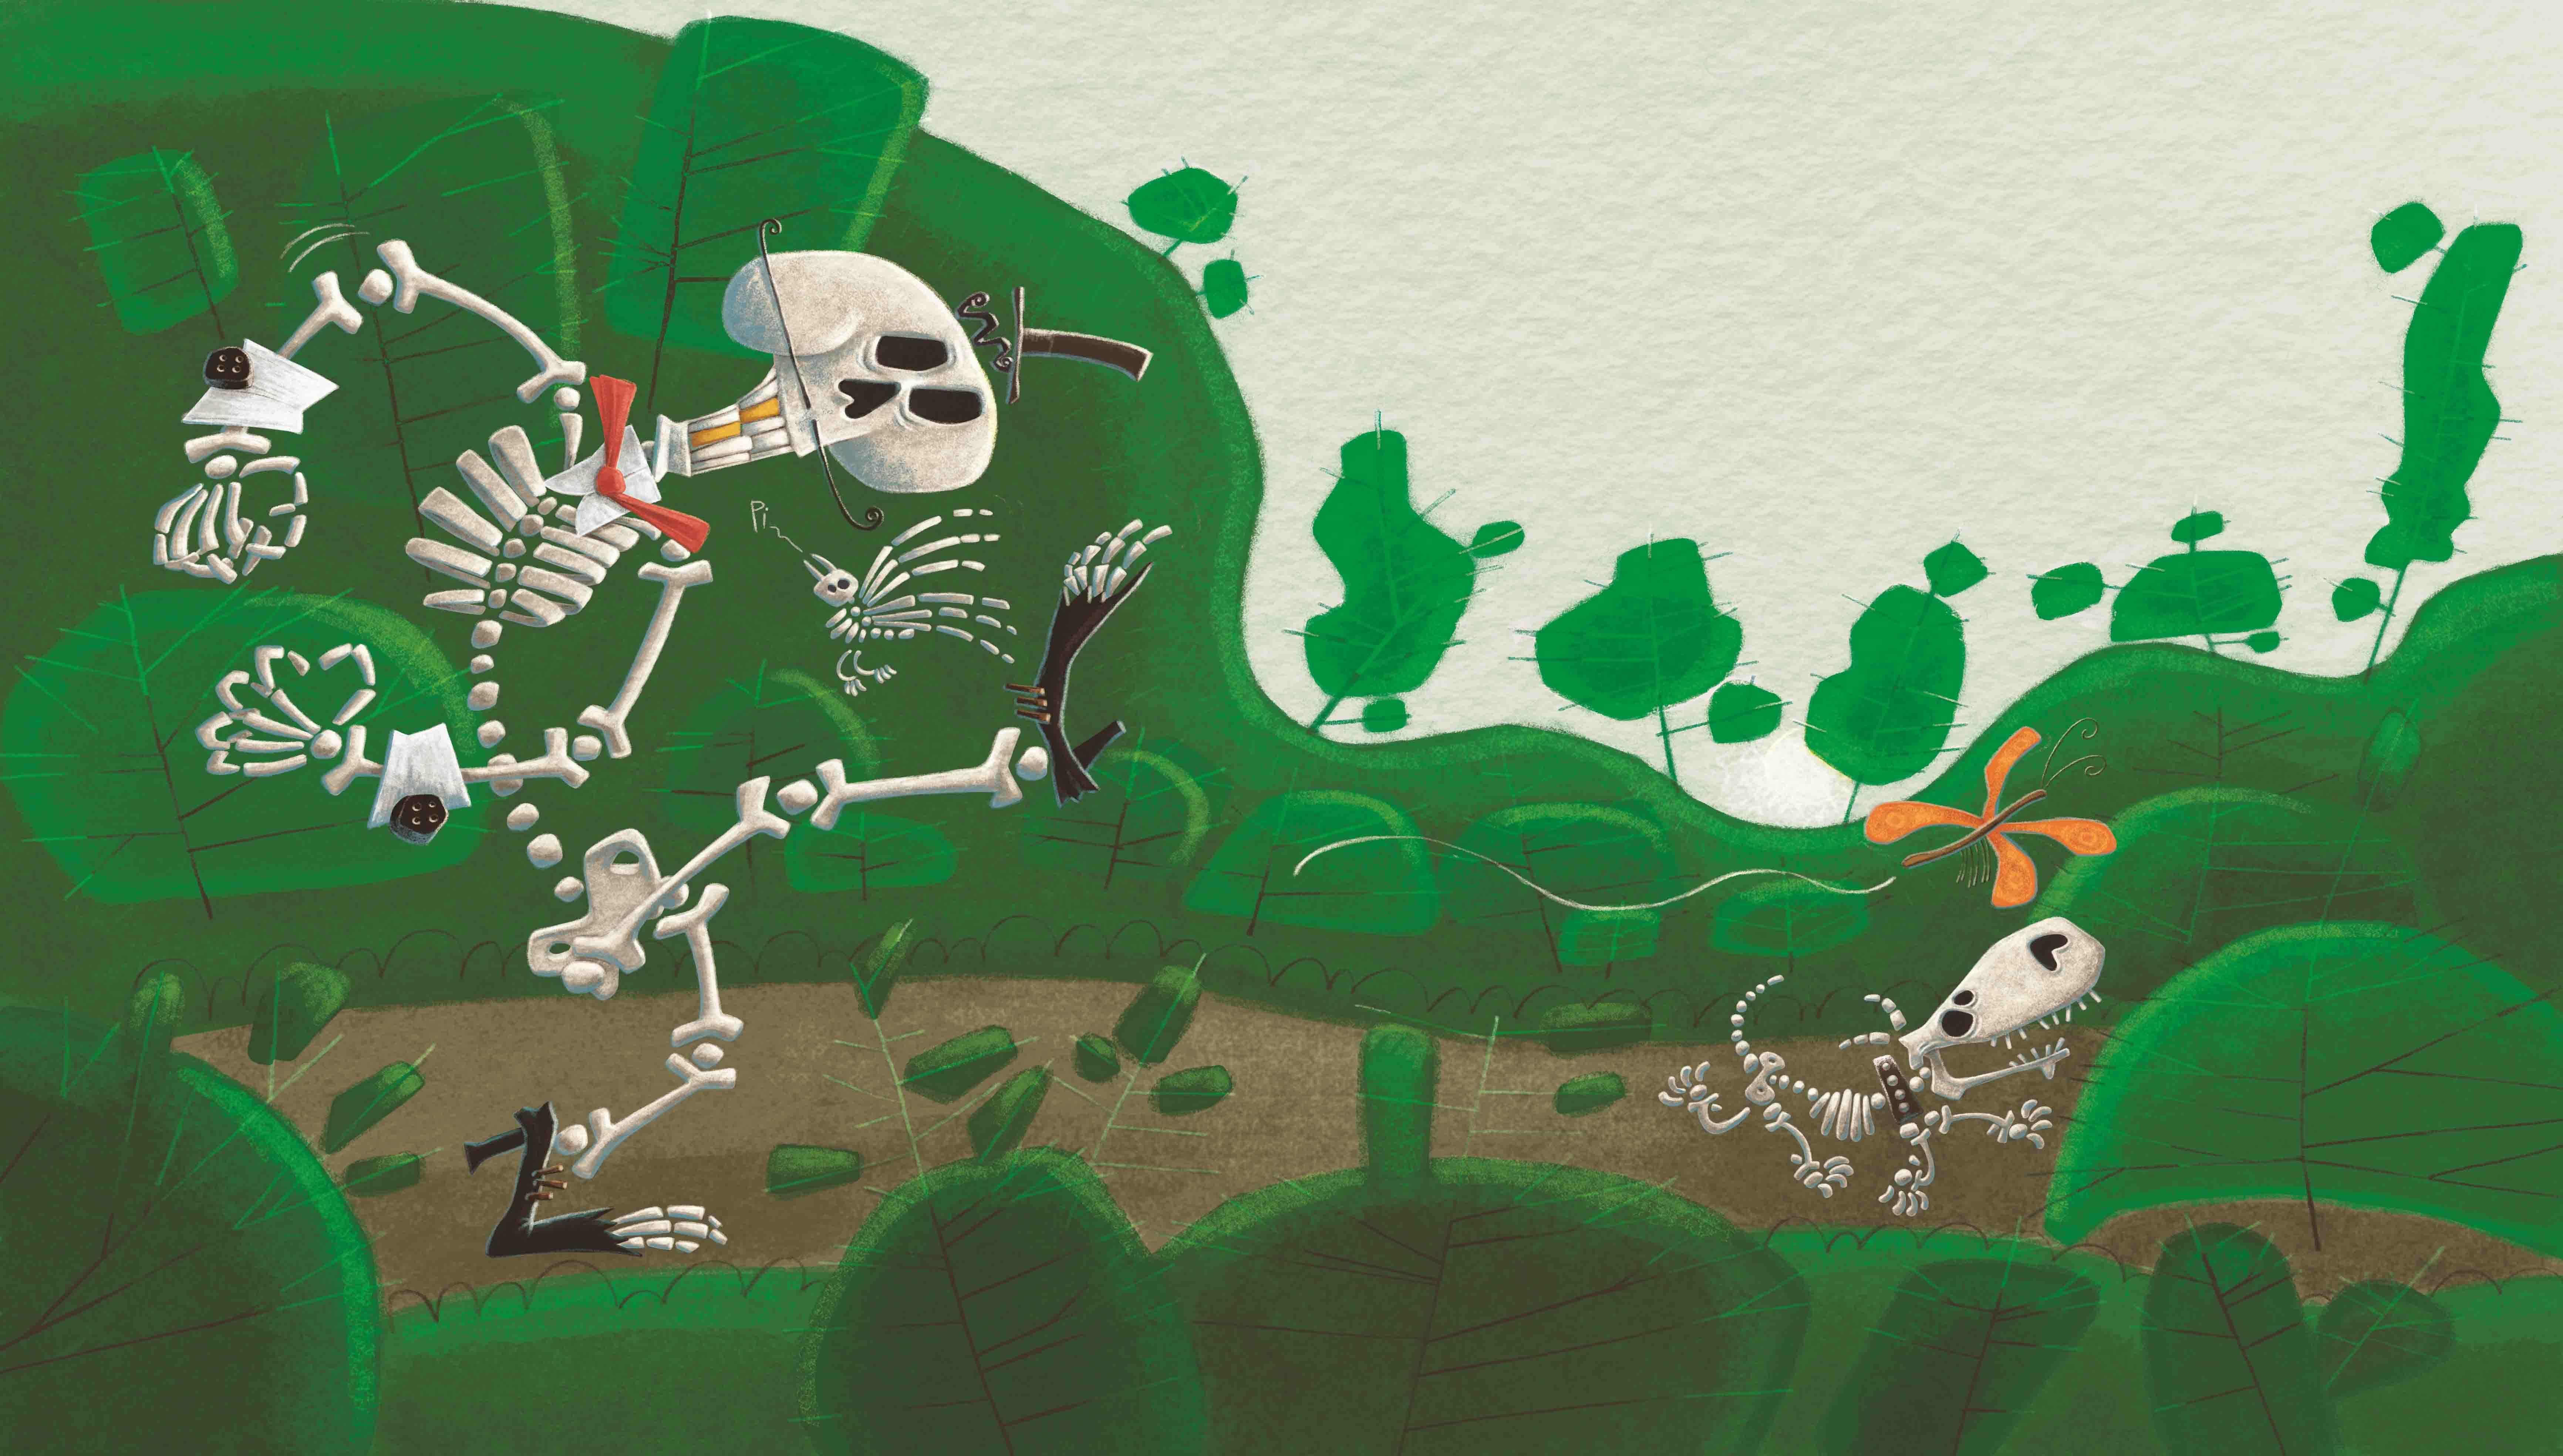 El esqueleto coqueto - La Guarida Ediciones